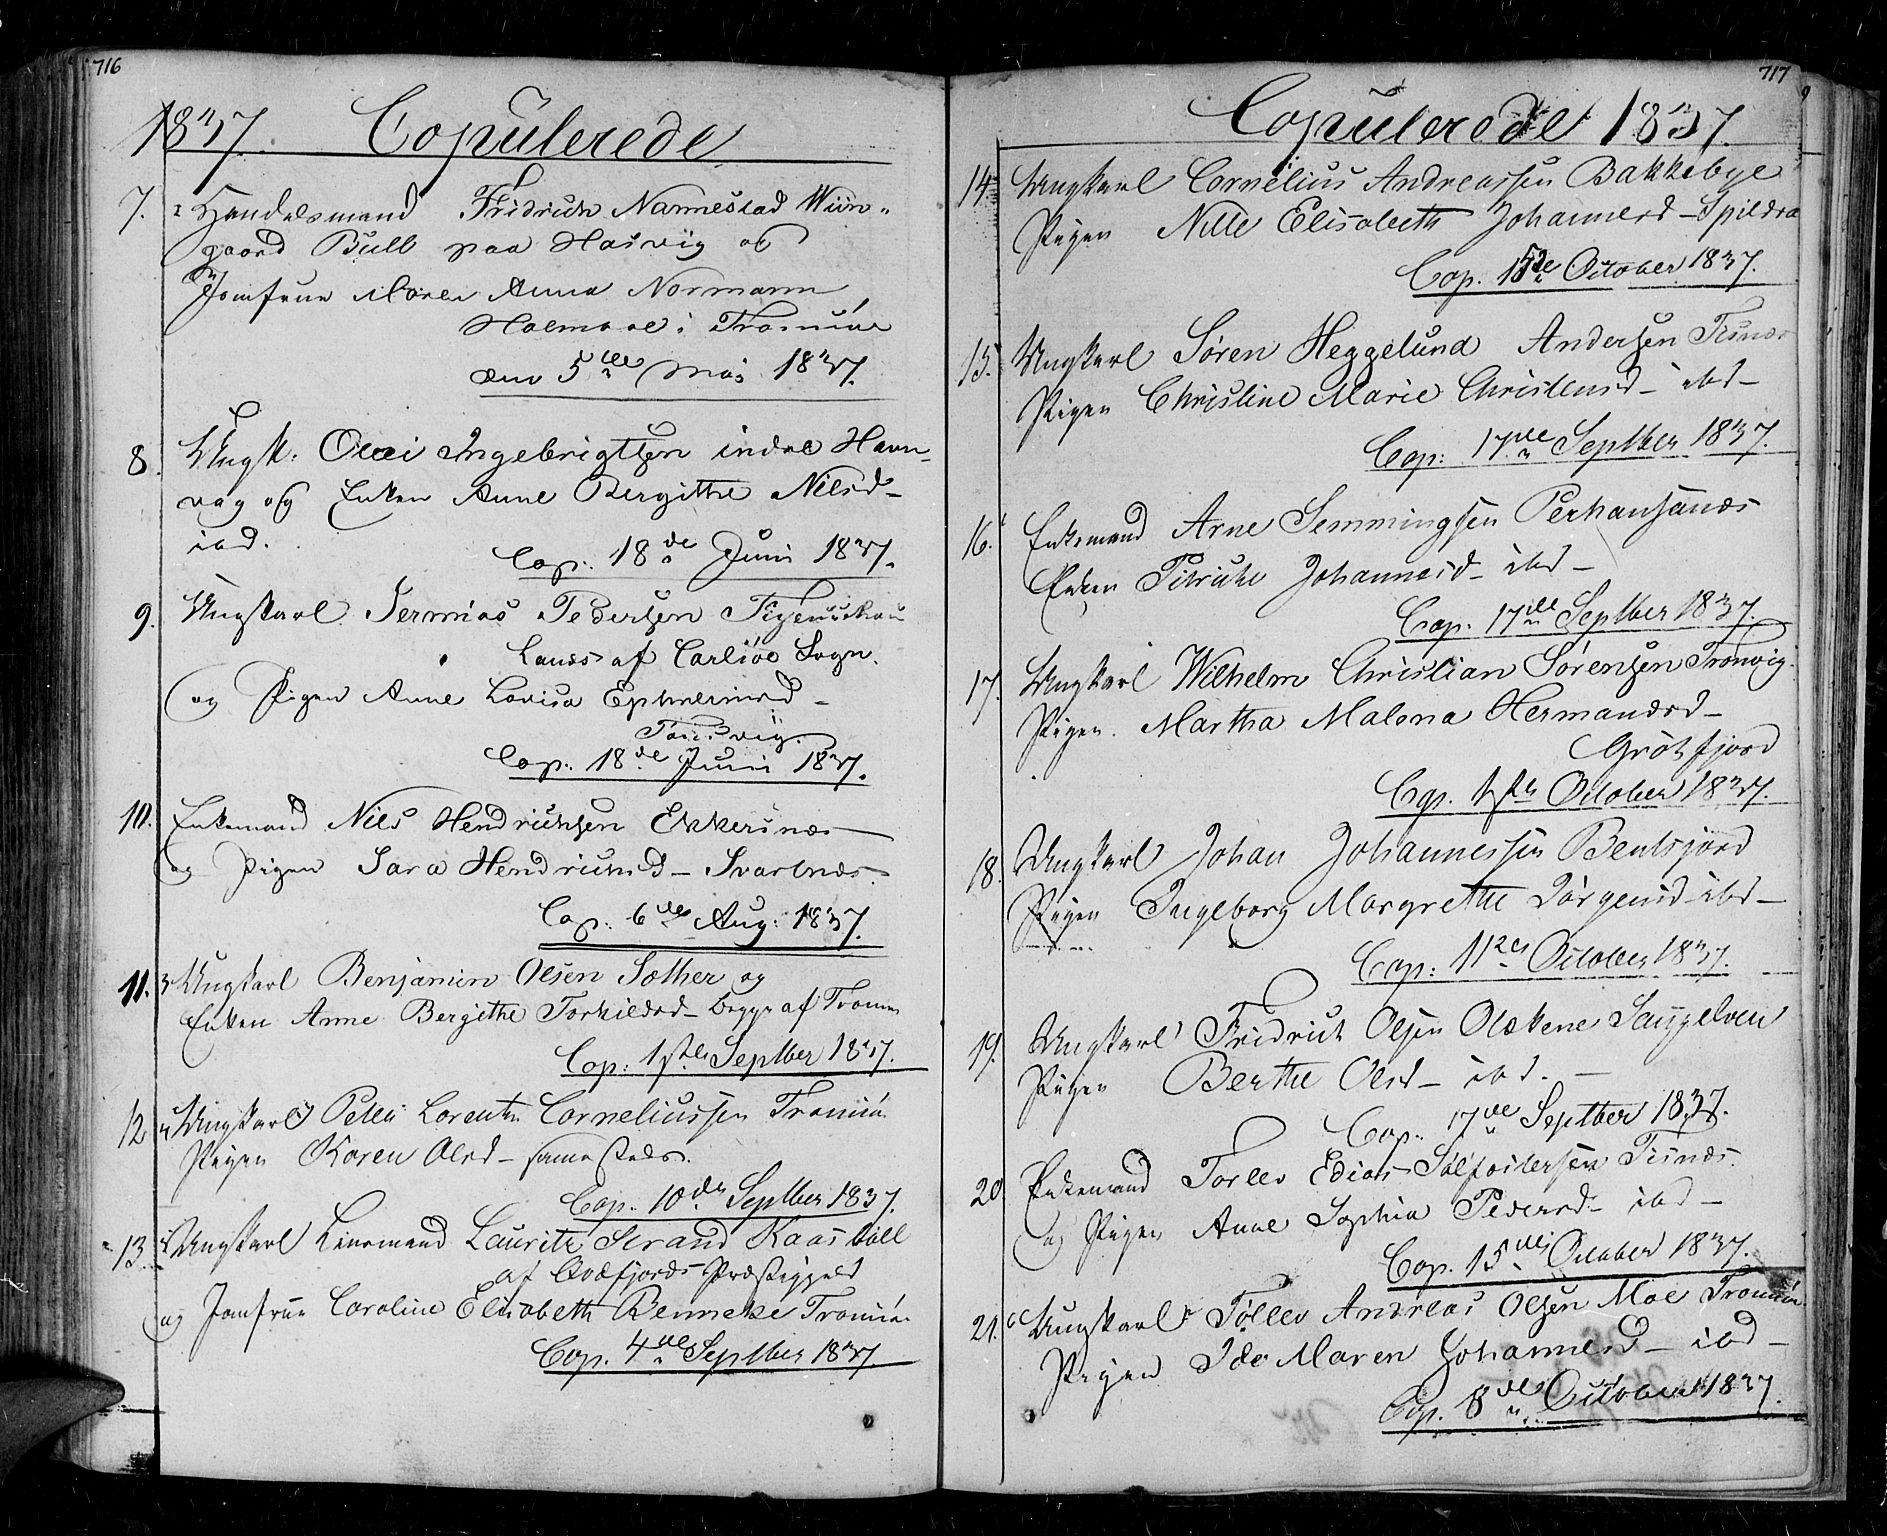 SATØ, Tromsø sokneprestkontor/stiftsprosti/domprosti, G/Ga/L0008kirke: Ministerialbok nr. 8, 1829-1837, s. 716-717